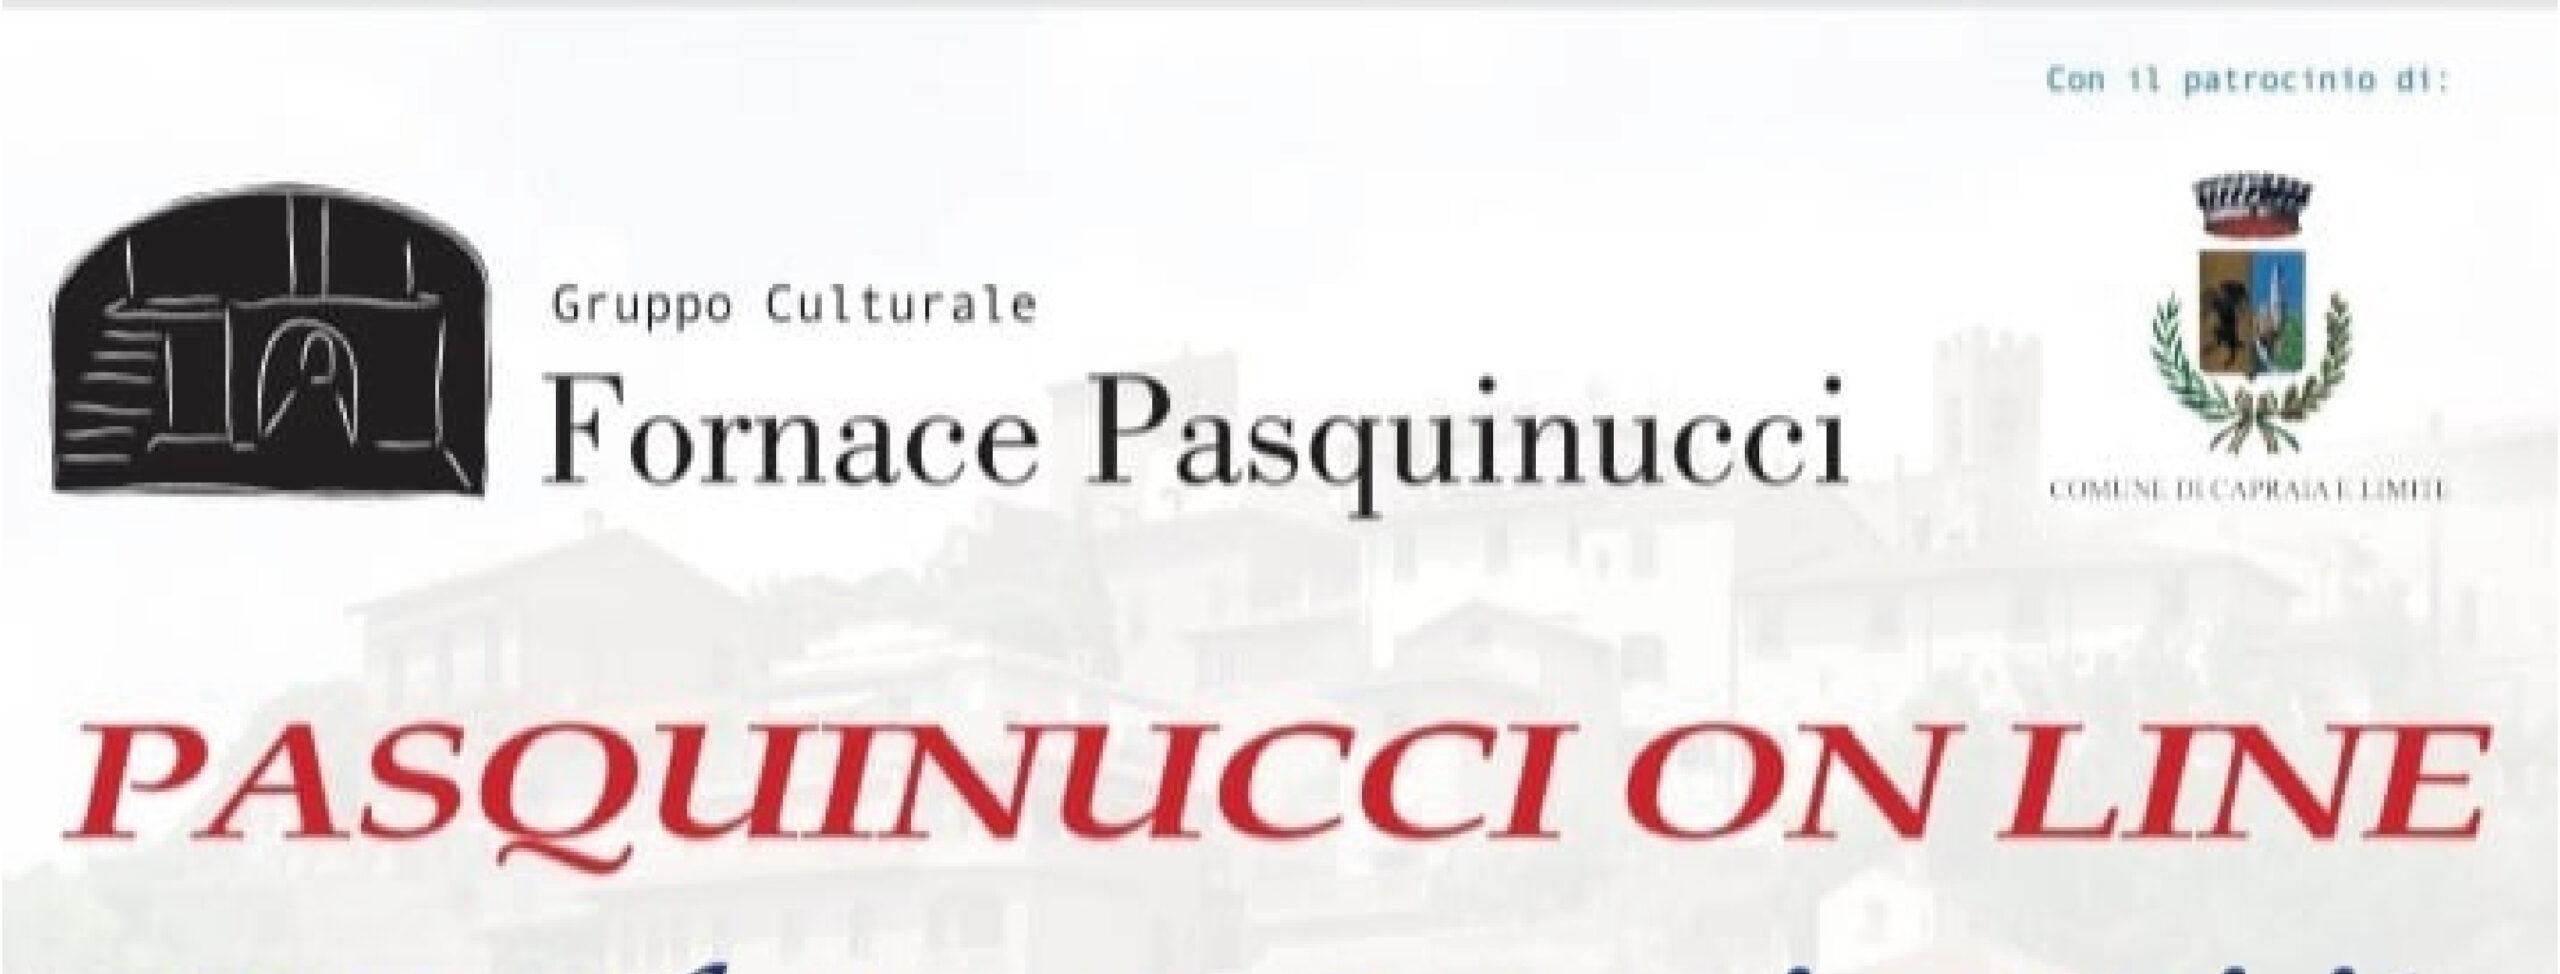 CORPI – Mostra Virtuale Fornace Pasquinucci